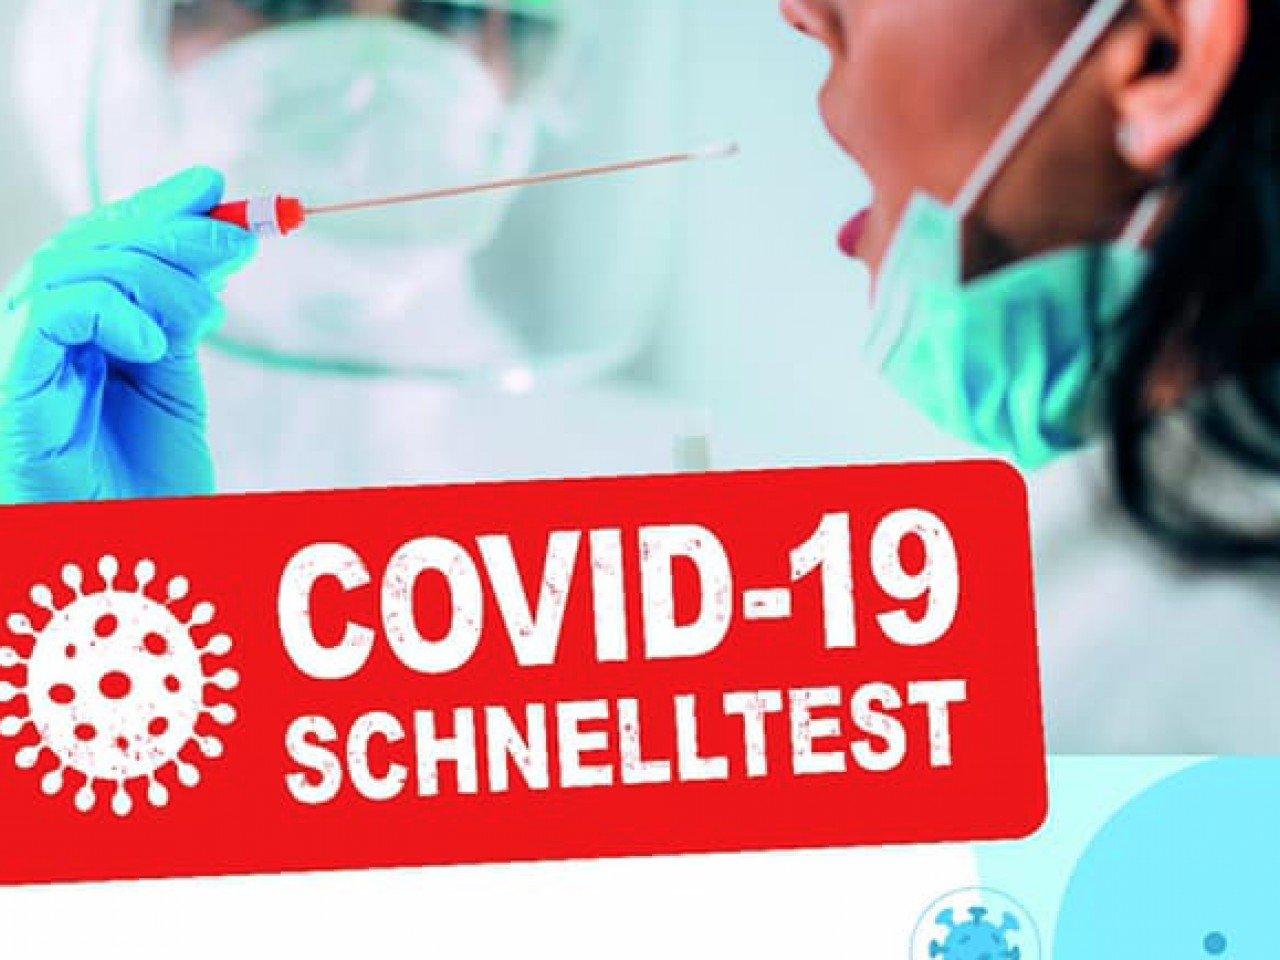 COVID-19 Schnelltest - Testergebnis in 15 Minuten